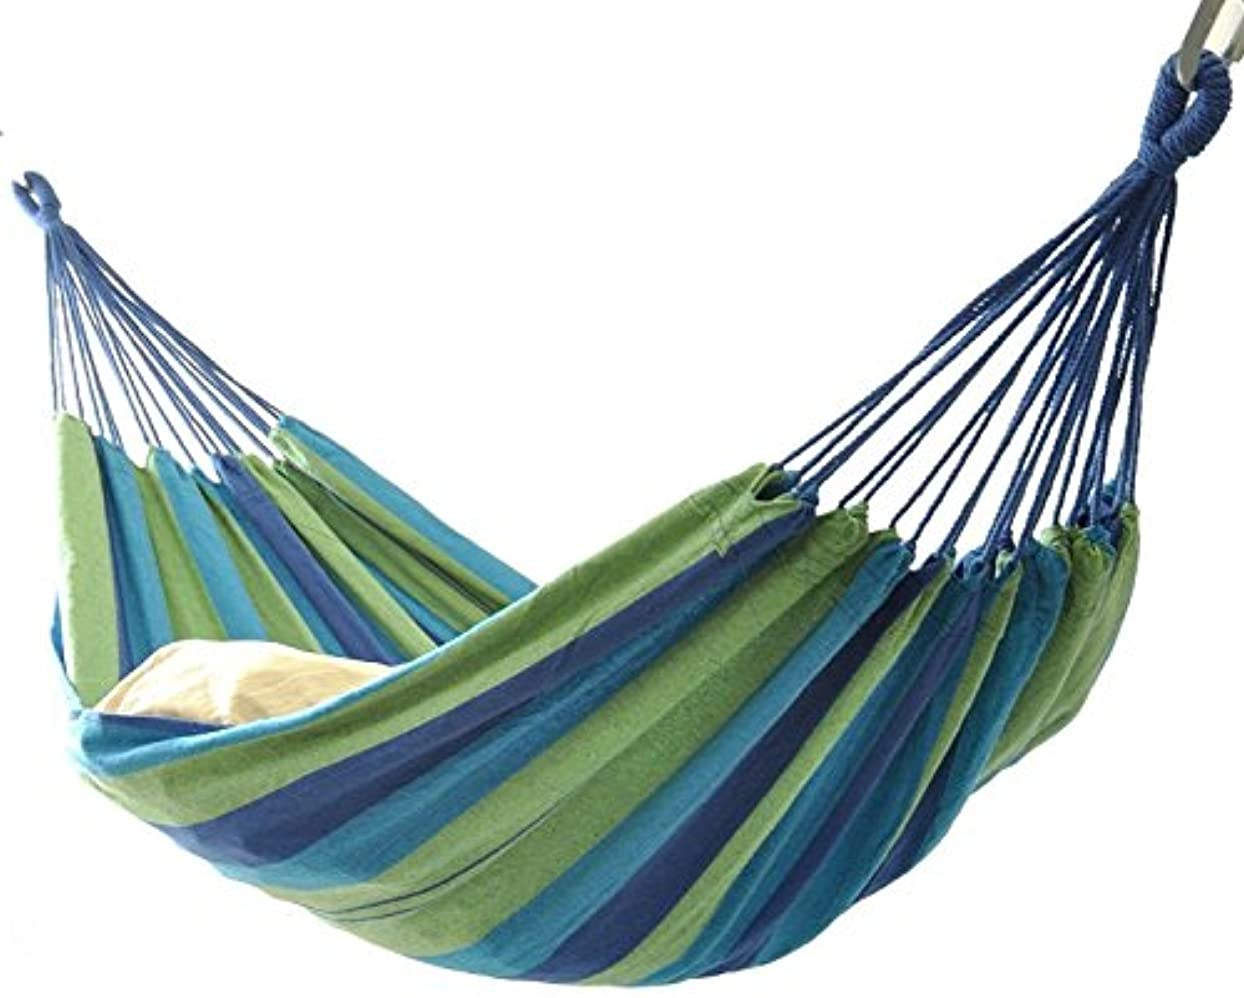 明るいフローその後アウトドアハンモック キャンプ用寝具 マルチカラーストライプ パラシュート 吊りテント 2~3人用 折畳み 収納バッグ付き 超広い 軽量 アウトドア 公園 簡単に取り付け